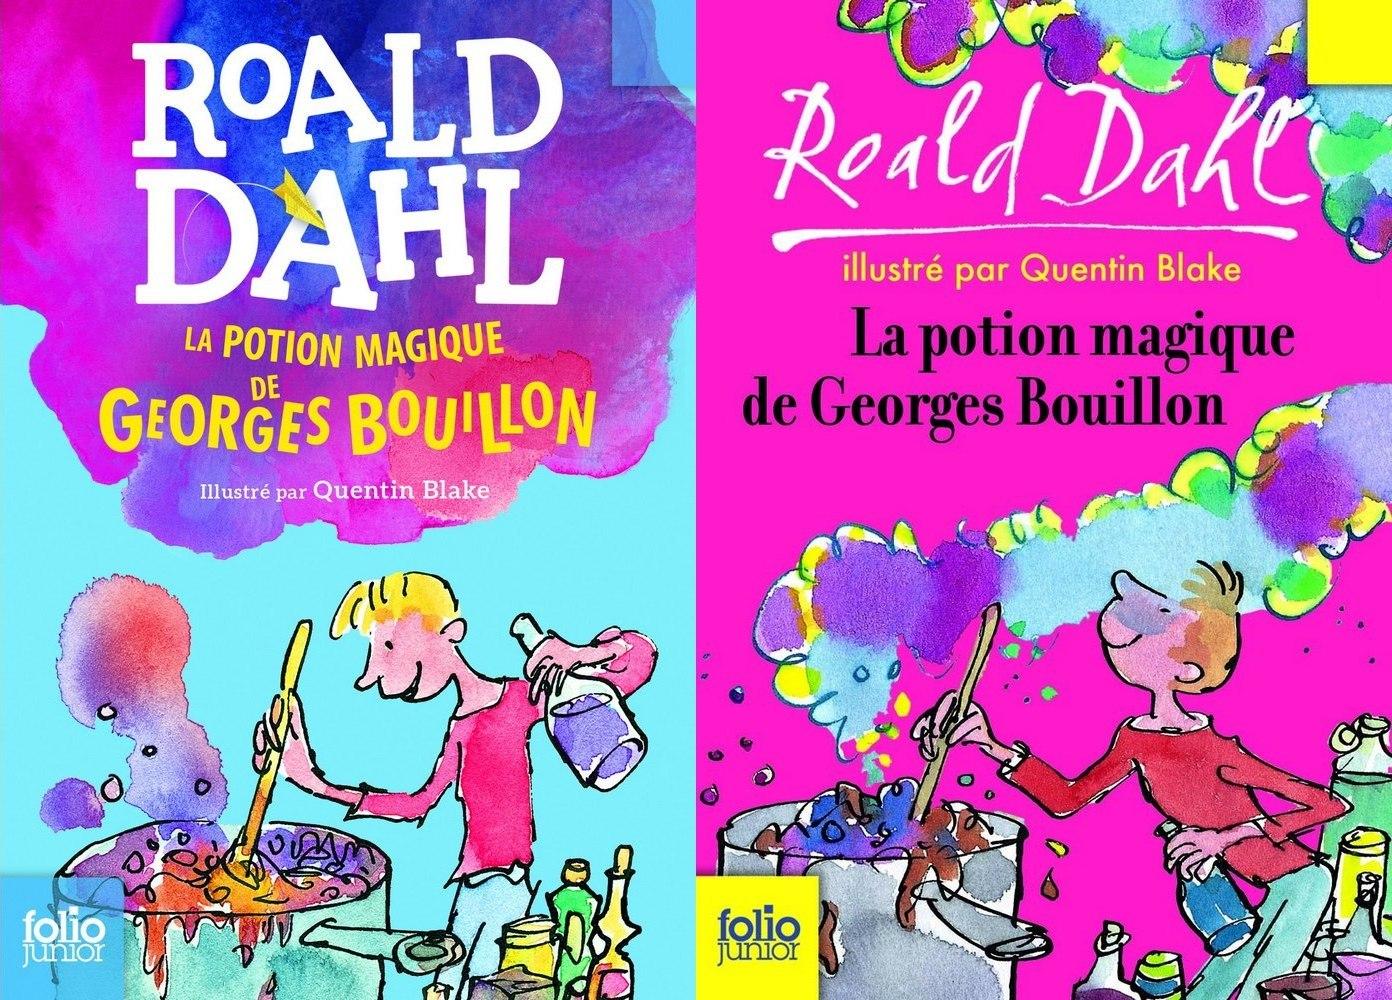 ancienne couvertures Roald Dahl potion